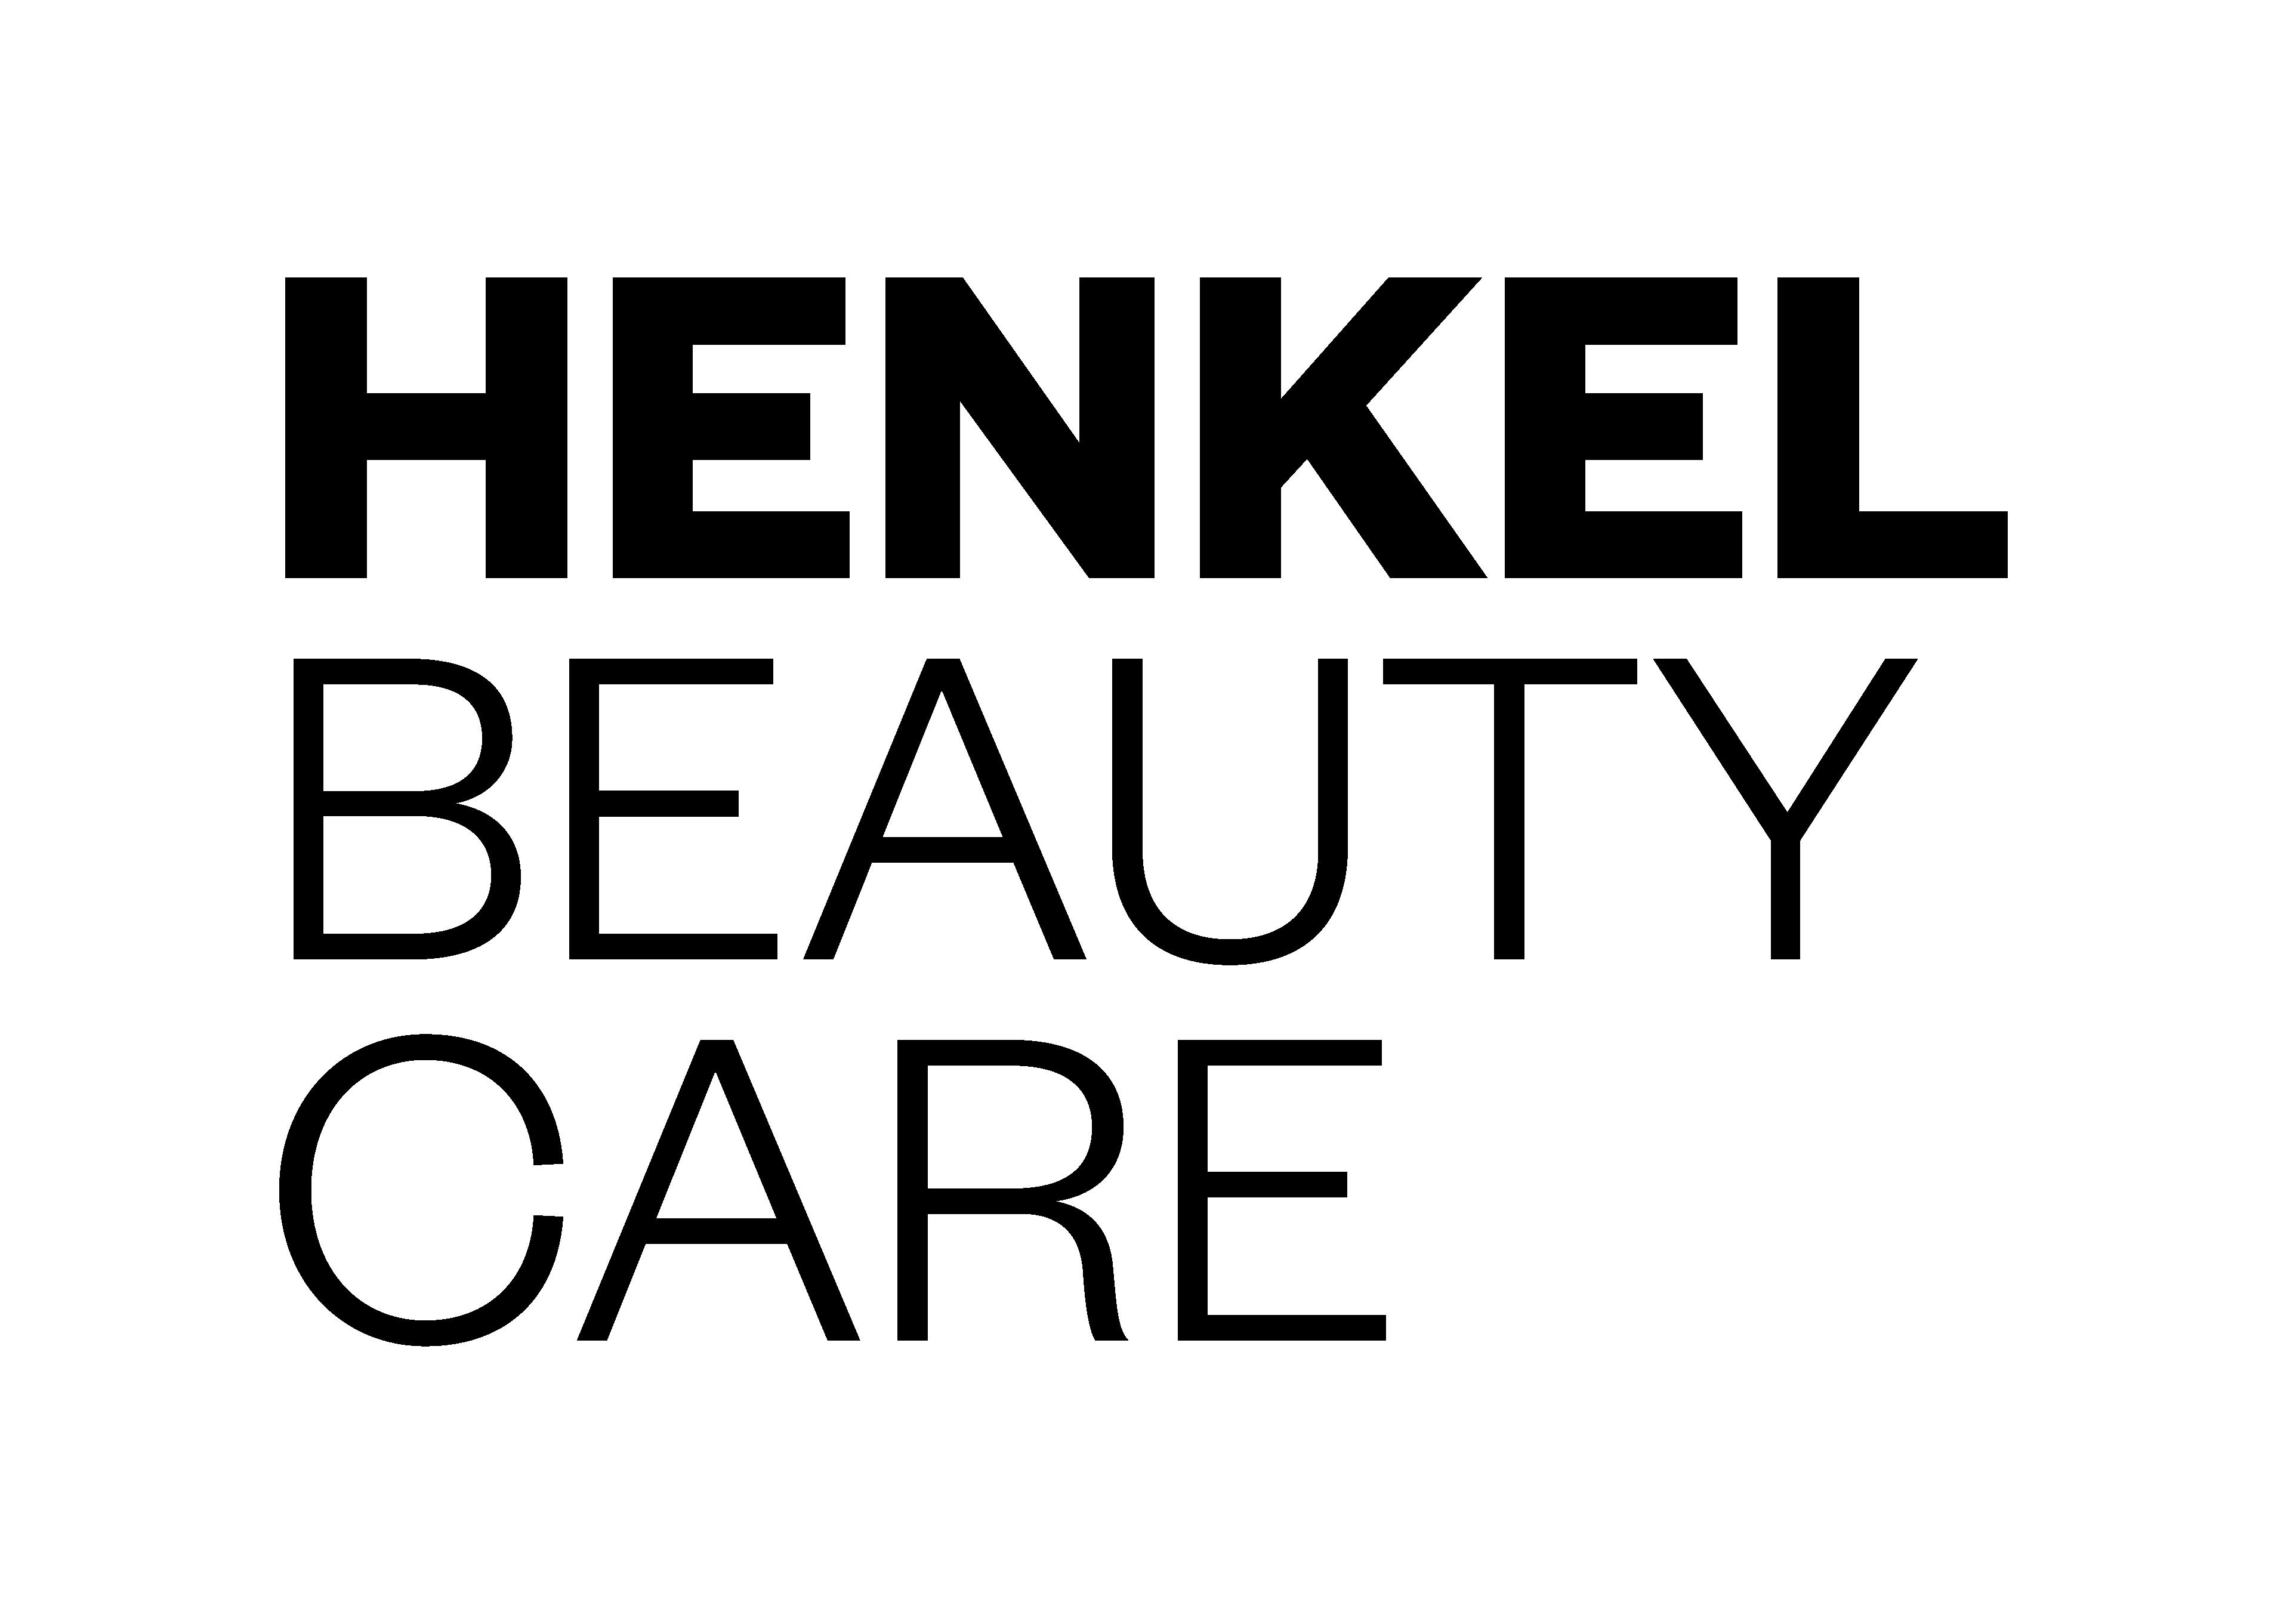 ヘンケルジャパン株式会社